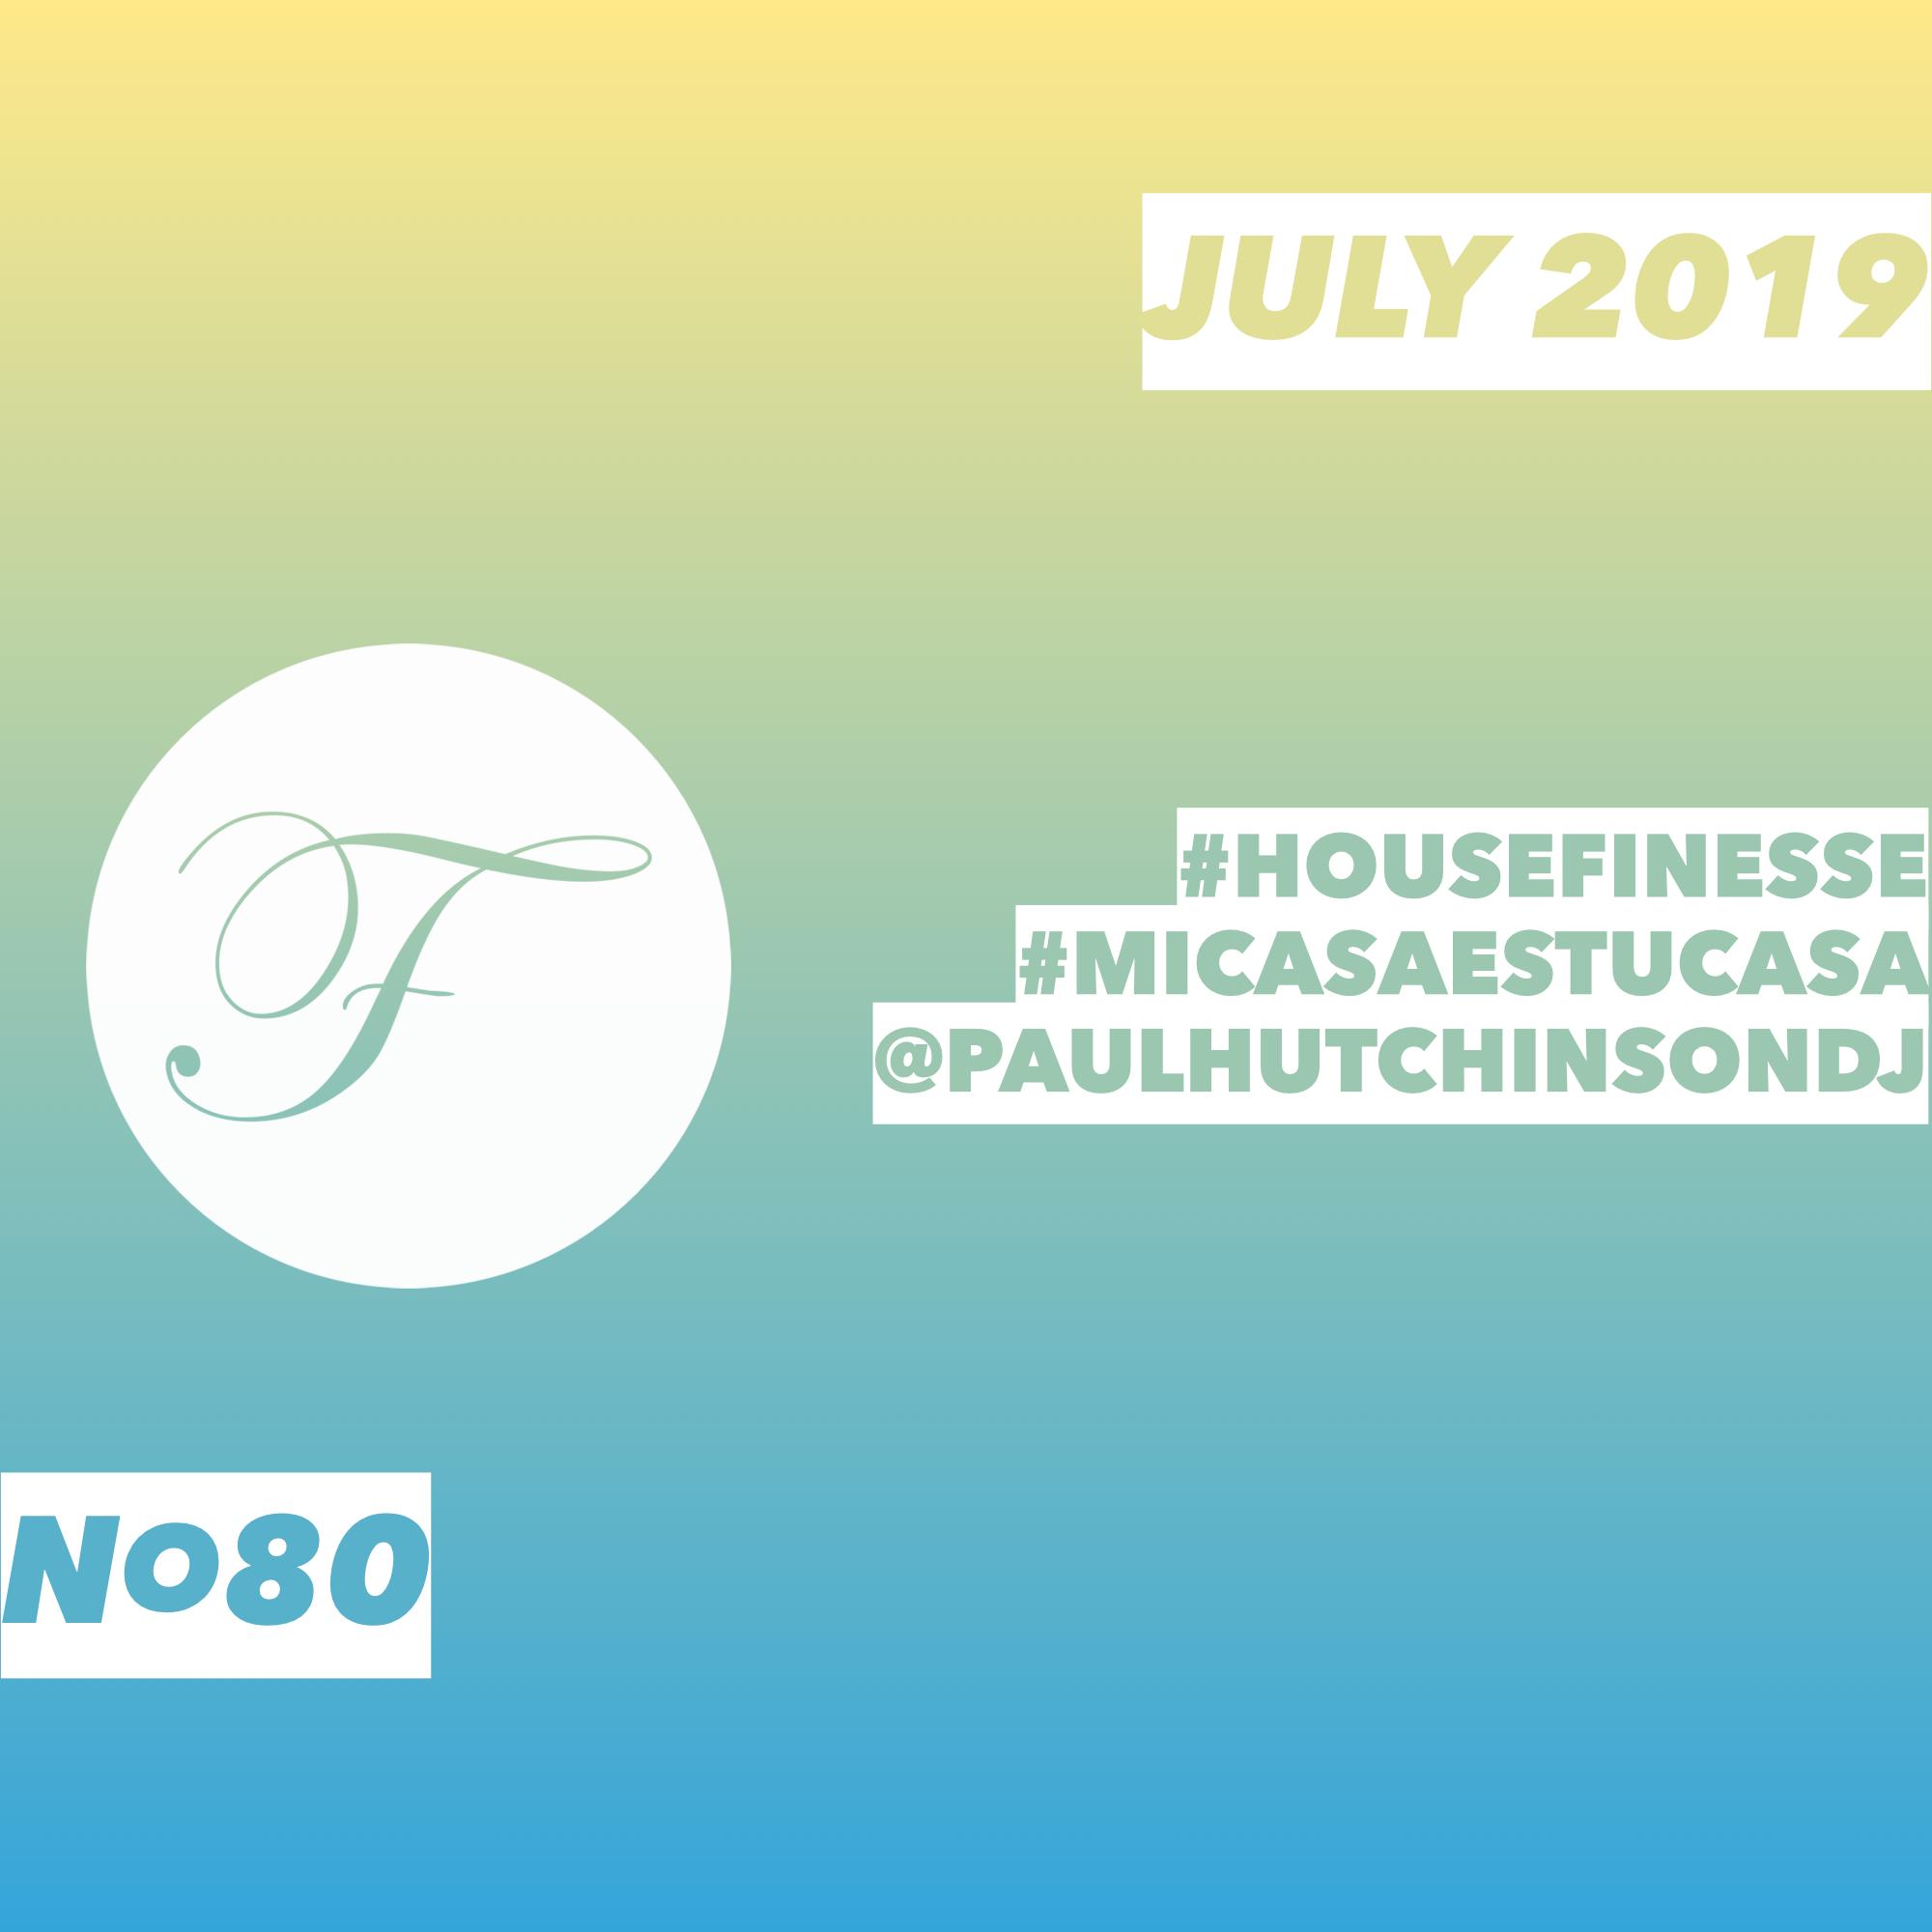 House Finesse 80- July 2019 Mi Casa Es Tu Casa with Hutch